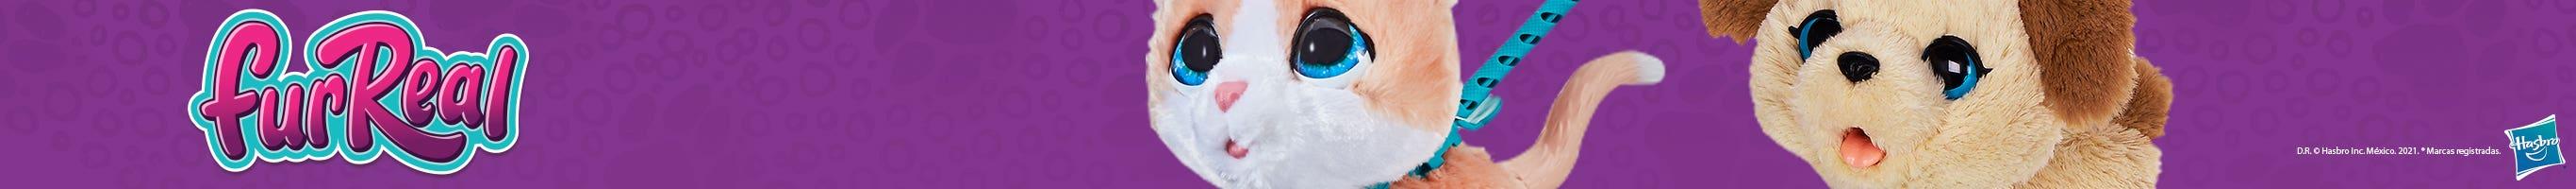 Hasbro Fur Real